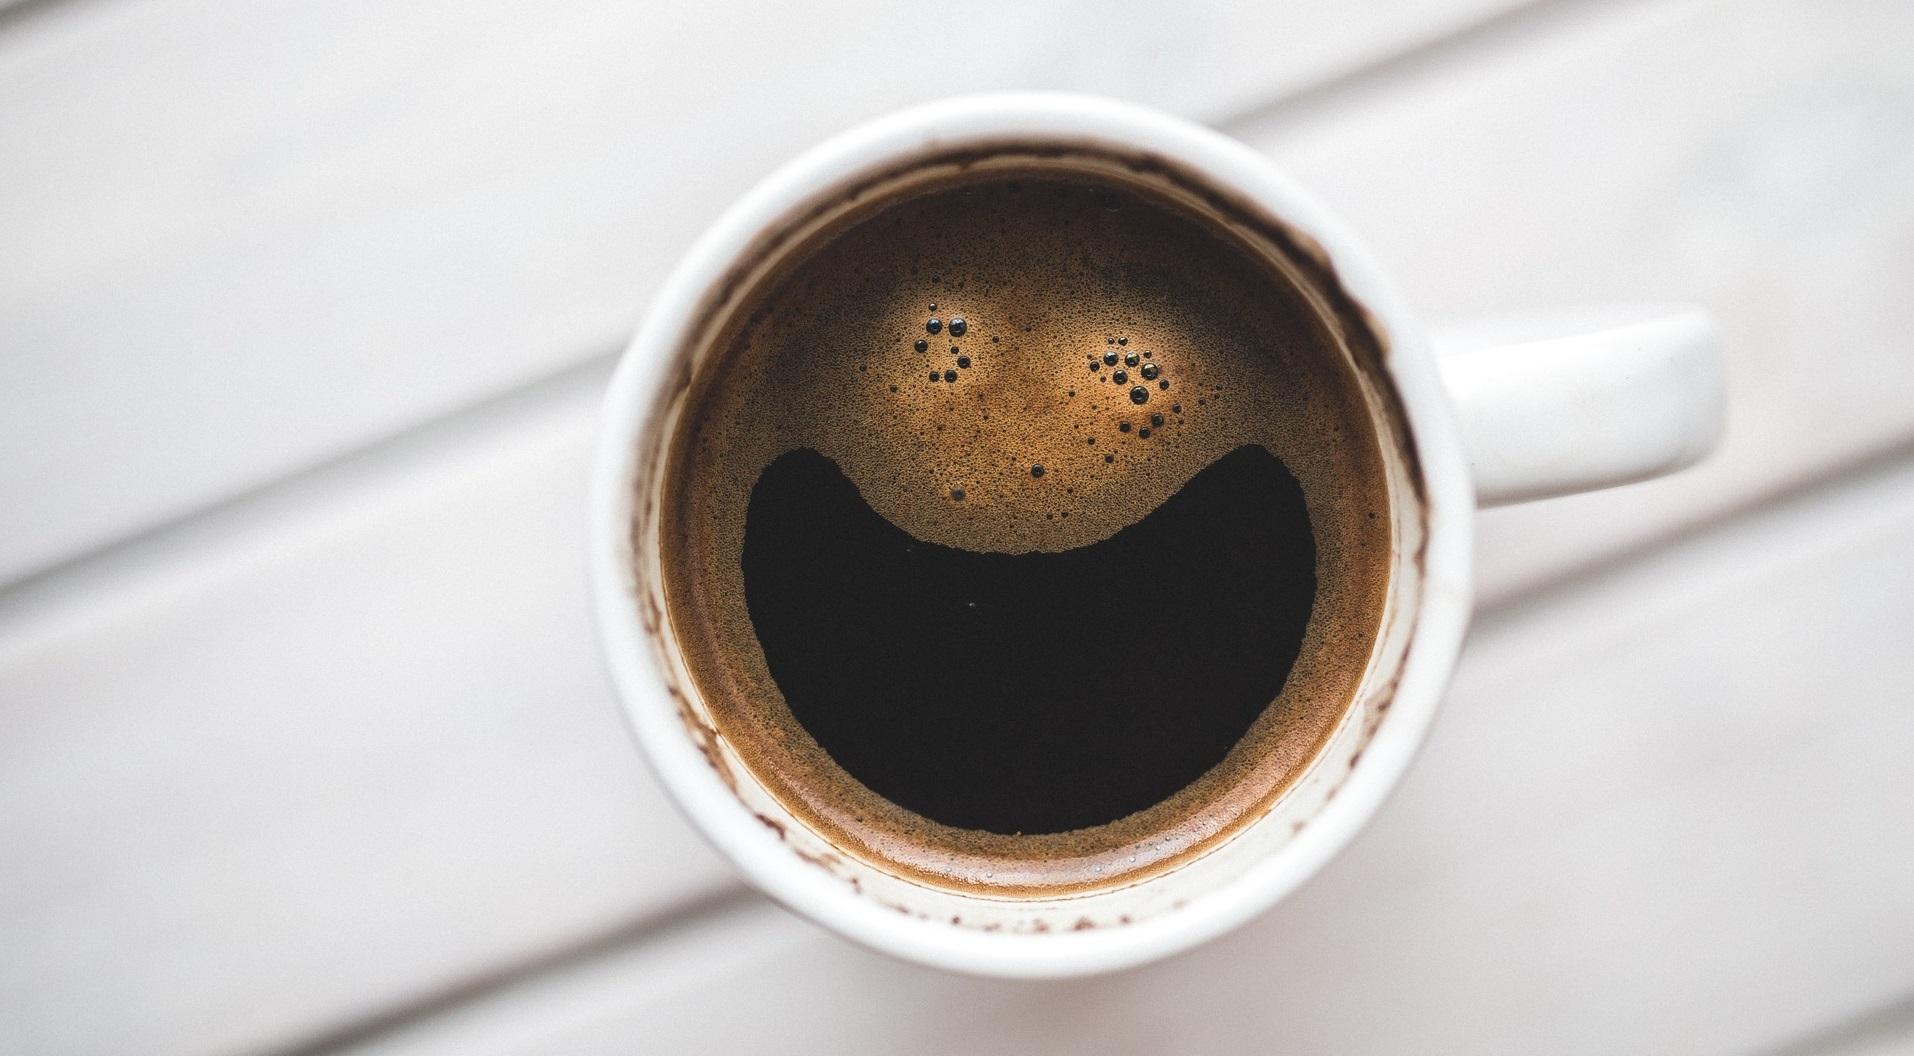 Kopičenje dokazov o vlogi kofeina pri zmanjševanju maščobnih zalog